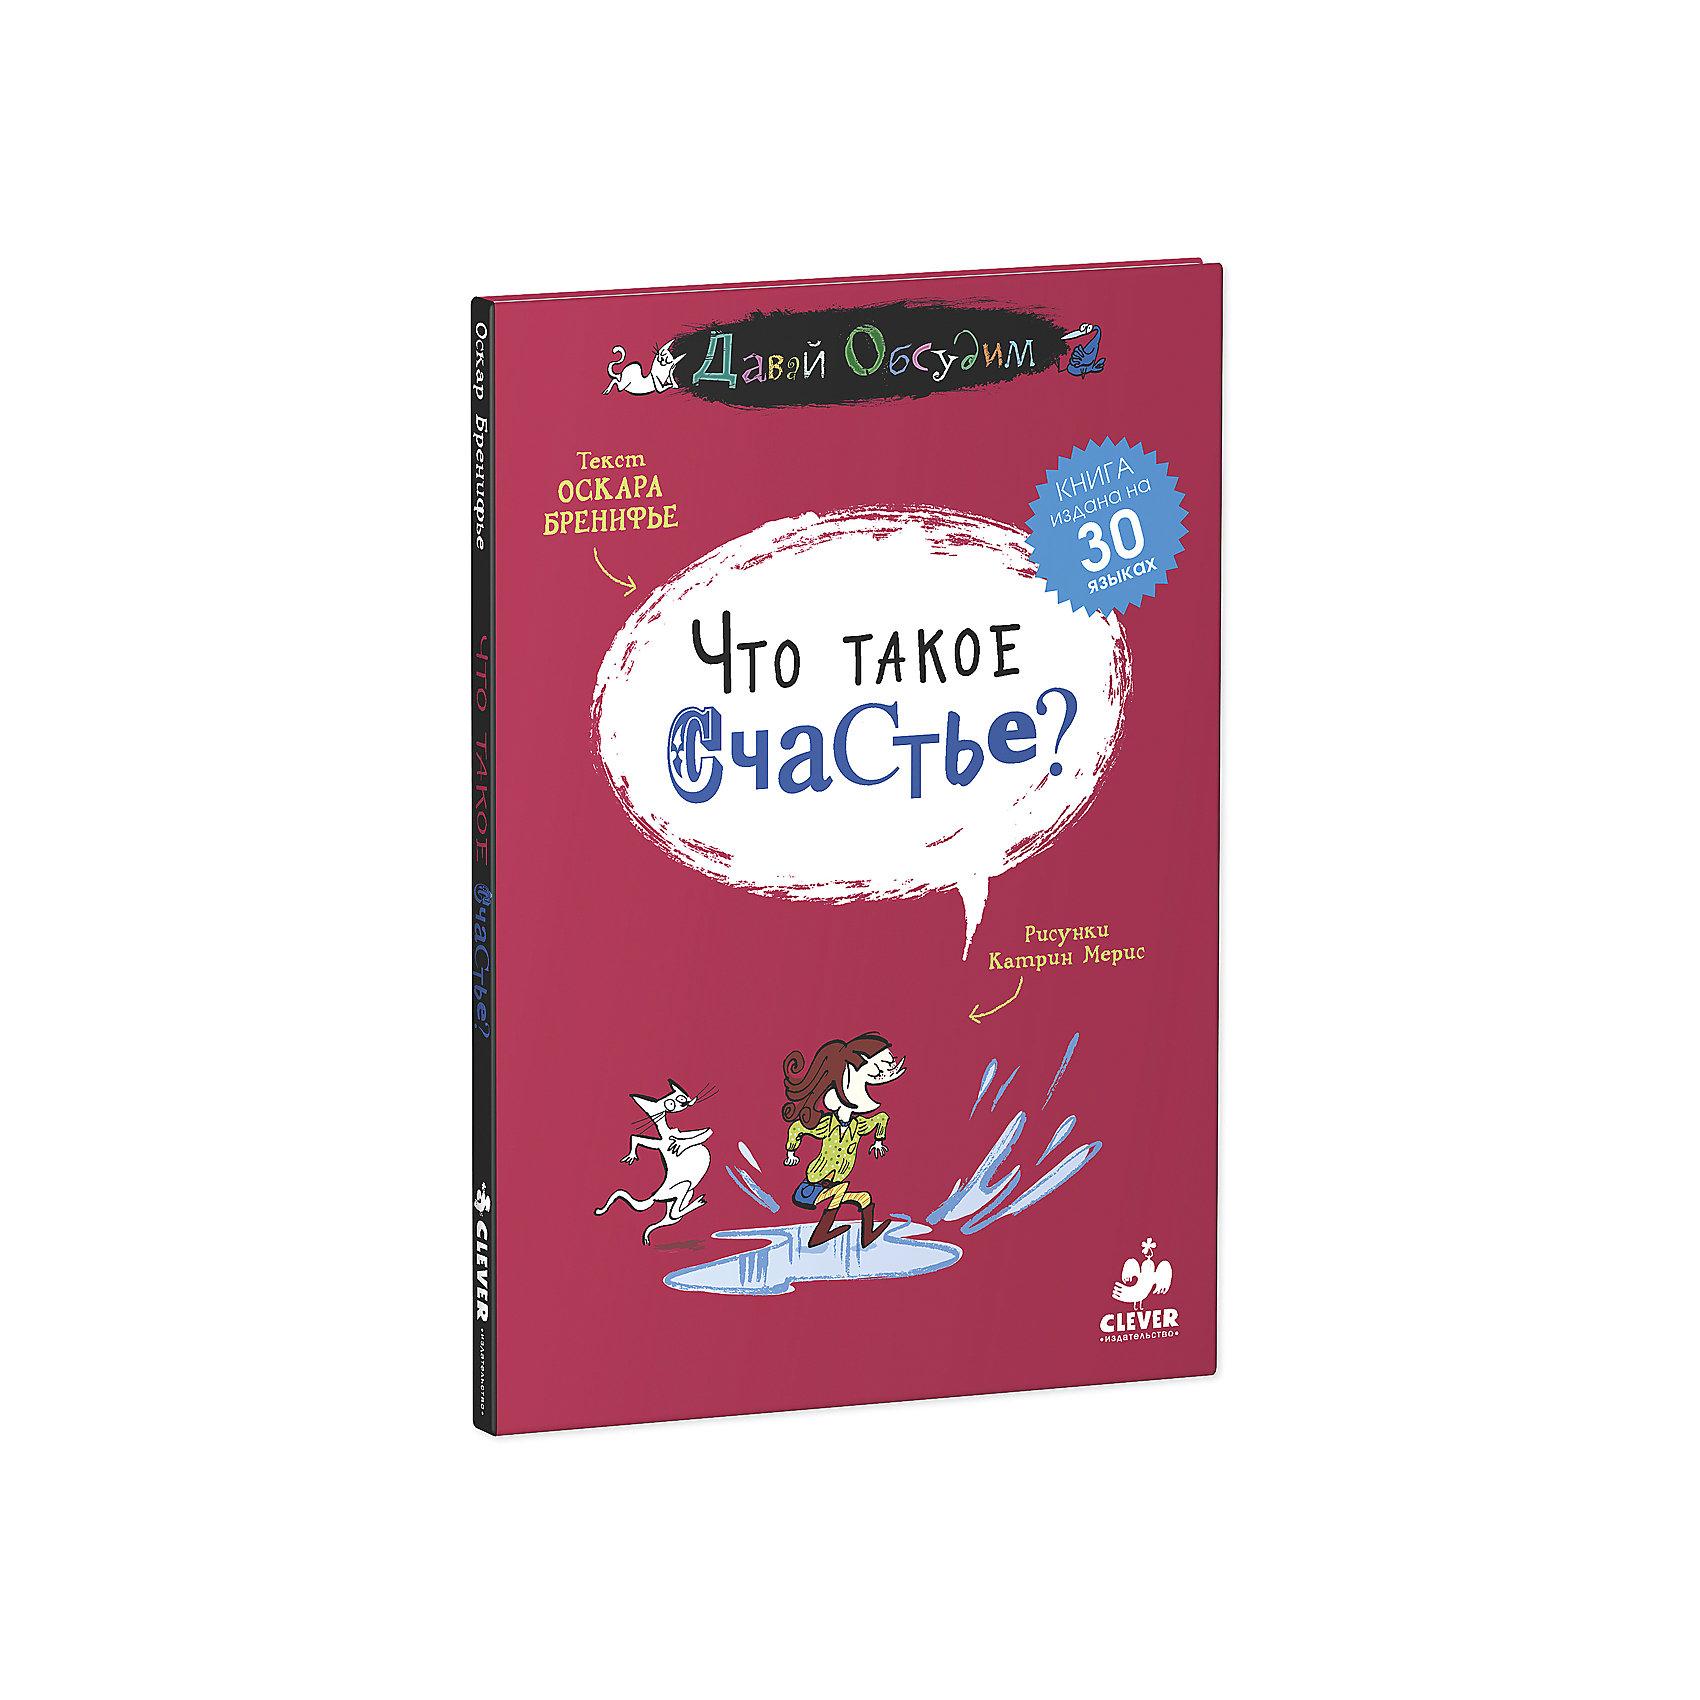 Что такое счастье?Книги для родителей<br>Детский философ и педагог, эксперт ЮНЕСКО Оскар Бренифье пишет поразительные книги, не просто дающие интересную информацию, но и располагающие юного читателя к размышлению.<br>Серия Давай обсудим самая популярная  дискуссионная серия философских книг Оскара Бренифье. Основана она на самых интересных вопросах, которые задавали писателю  дети на его знаменитых философских семинарах Искусство задавать вопросы. Книга Что такое счастье? не только поможет ребенку выработать свое собственное мнение по поводу этого сложного вопроса, но и научит его понимать лучше себя, своих родителей и друзей.<br><br>Дополнительная информация:<br><br>- год издания: 2014<br>- переплёт: мягкая обложка<br>- формат:  23.5 *16.2 *0.7  см.<br>- вес:  250 гр.<br>- количество страниц: 96<br>- возраст: от 7 до 15 лет<br><br>Книгу Что такое счастье? можно купить в нашем интернет - магазине.<br><br>Ширина мм: 235<br>Глубина мм: 165<br>Высота мм: 8<br>Вес г: 260<br>Возраст от месяцев: 84<br>Возраст до месяцев: 132<br>Пол: Унисекс<br>Возраст: Детский<br>SKU: 4750714